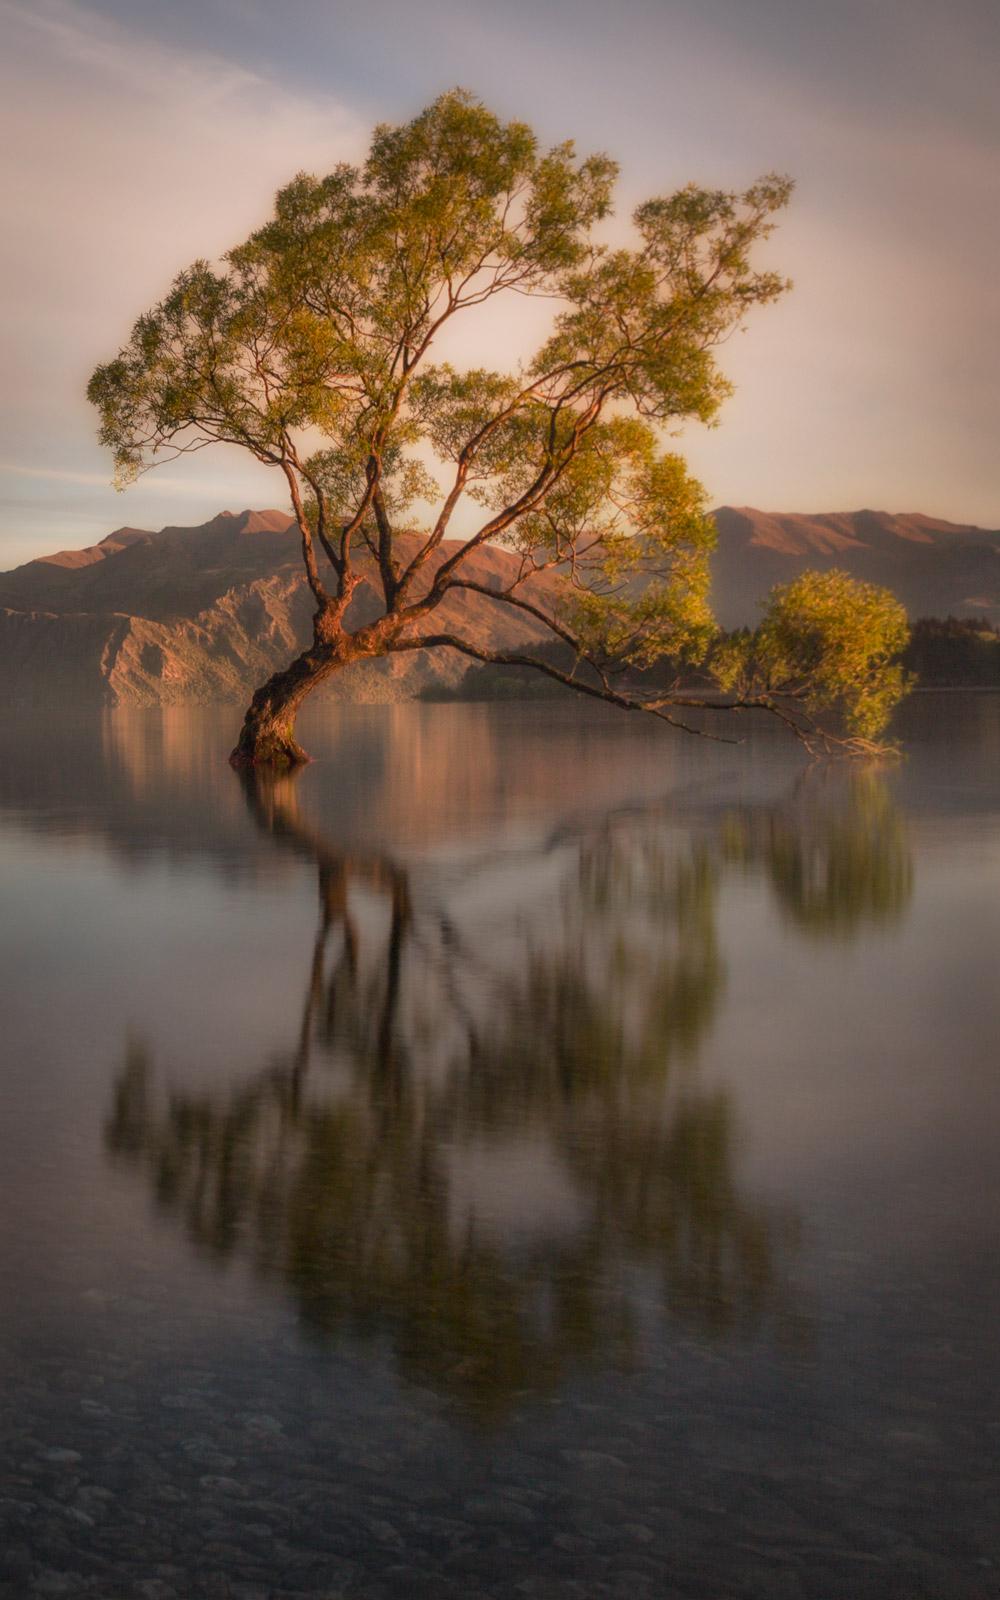 That Wanaka tree, has grown up all alone in Lake Wanaka, New Zealand.